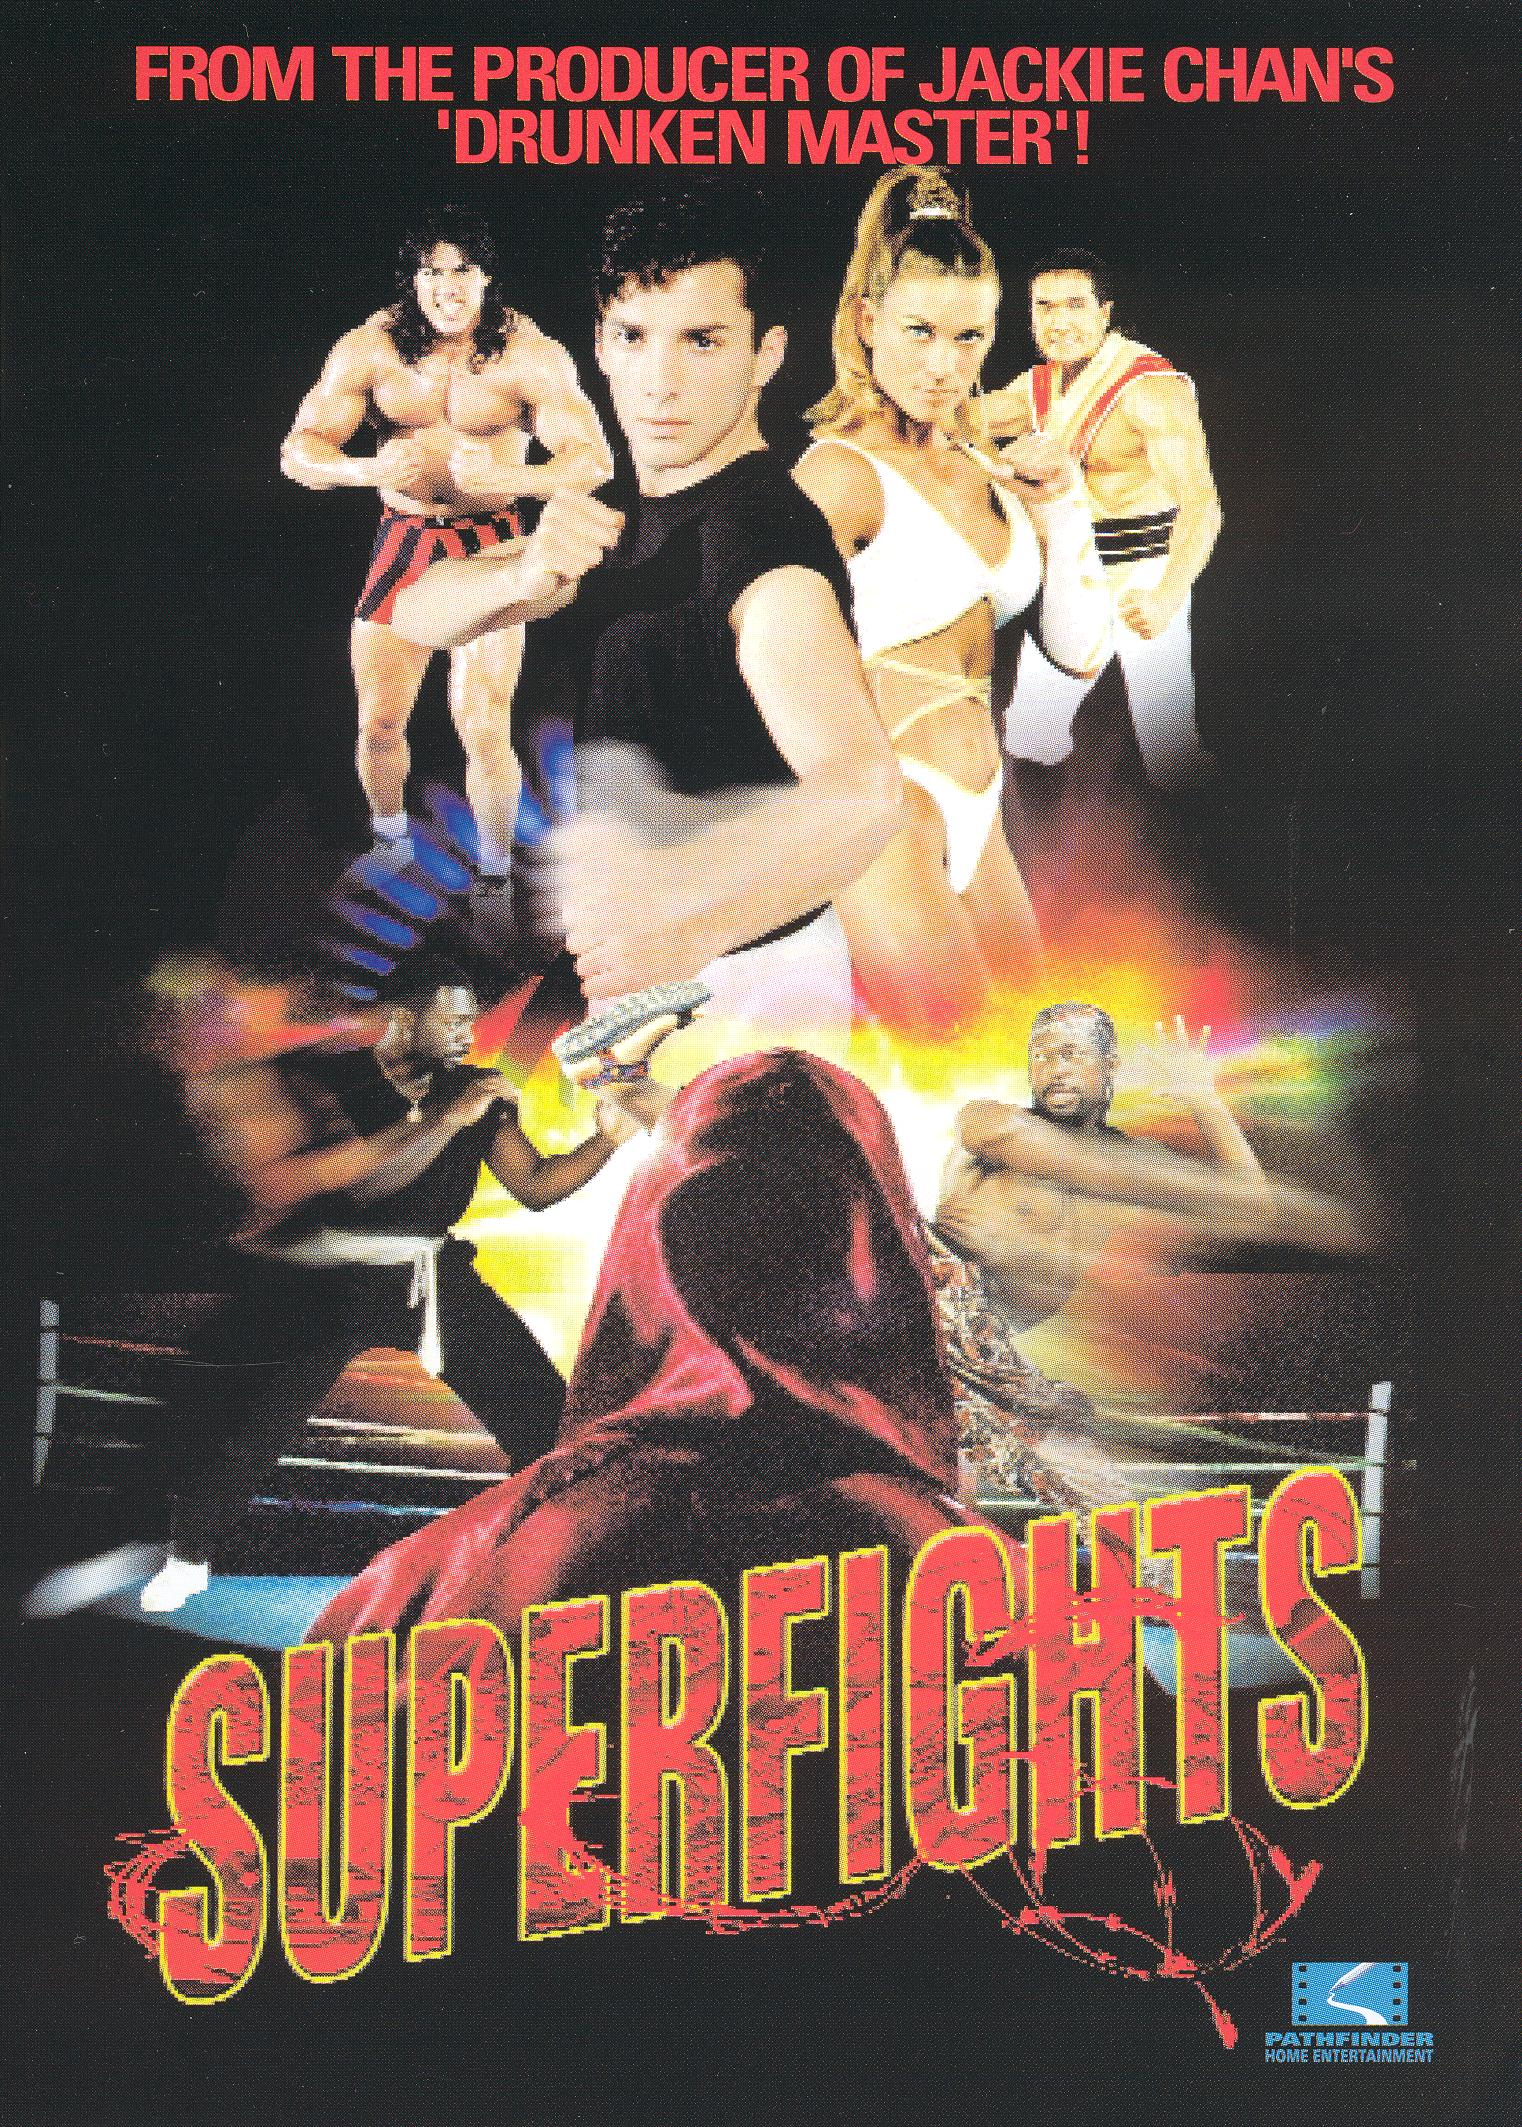 Superfights